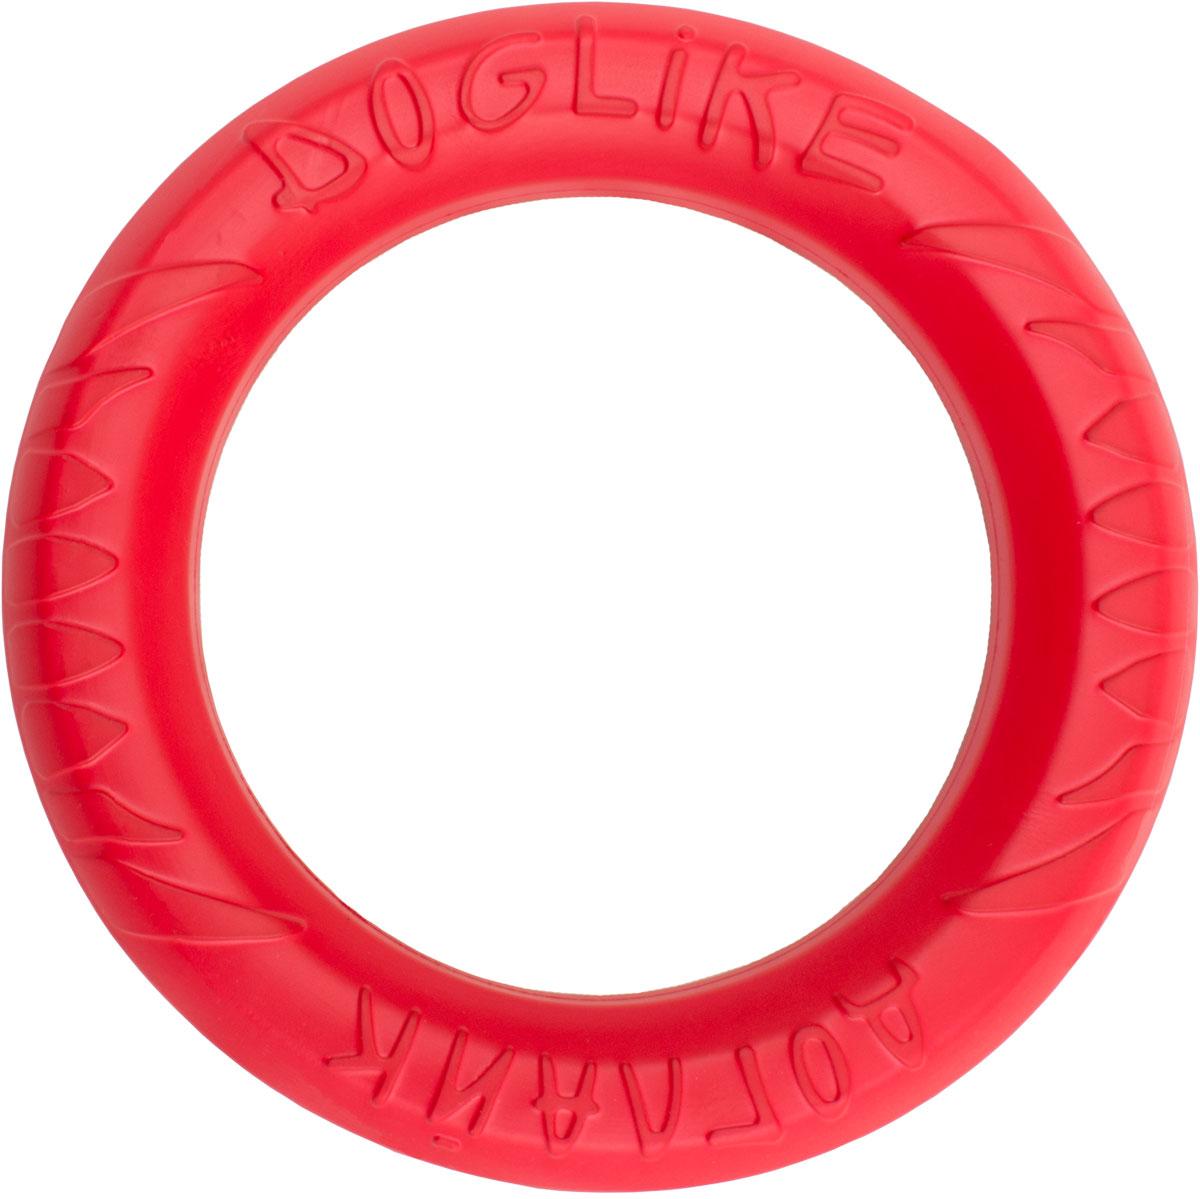 Снаряд Doglike Tug & Twist DL, для дрессировки, цвет: красный. D-1276 игрушка doglike dumbbelldog wood снаряд для апортировки большой деревянный для собак 1кг d 2319